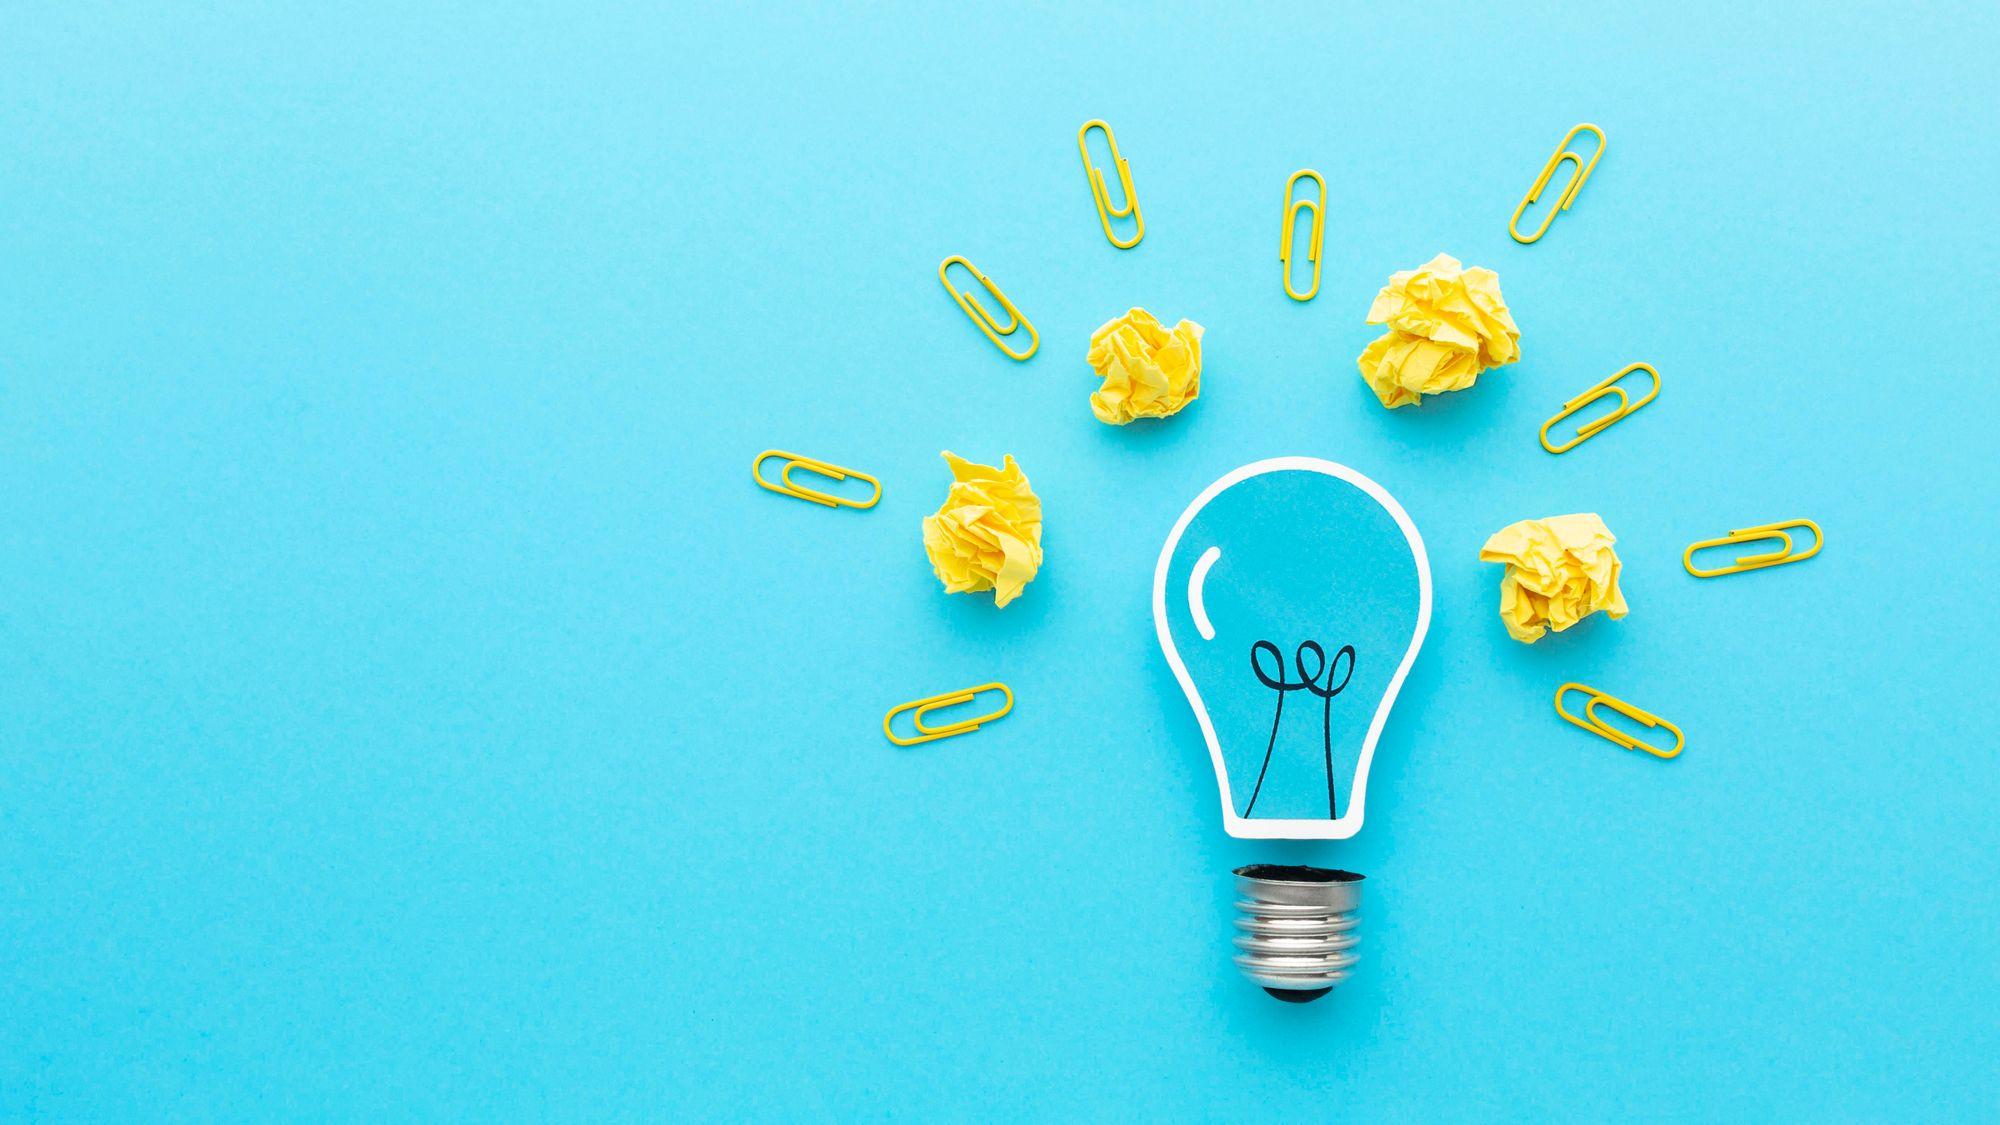 Probleme sind nur der Anfang von Lösungen: Wie dich ein lösungsorientiertes Mindset voranbringt